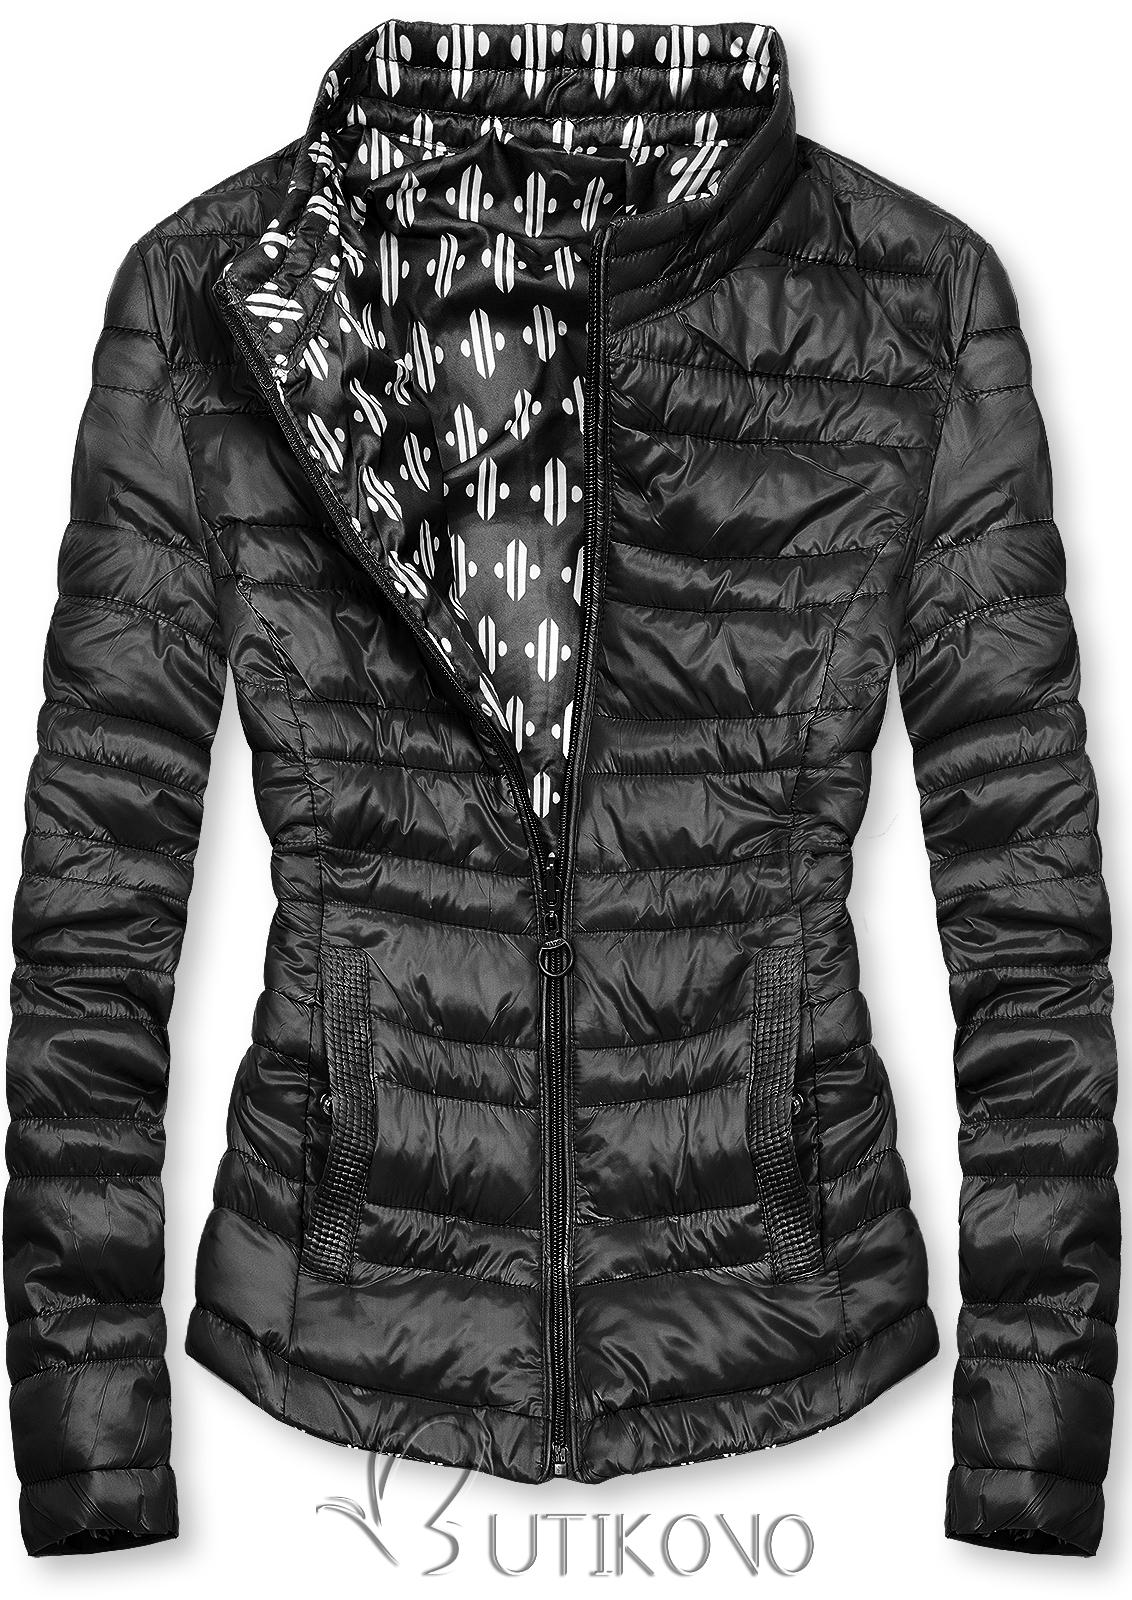 Čierna krátka obojstranná bunda